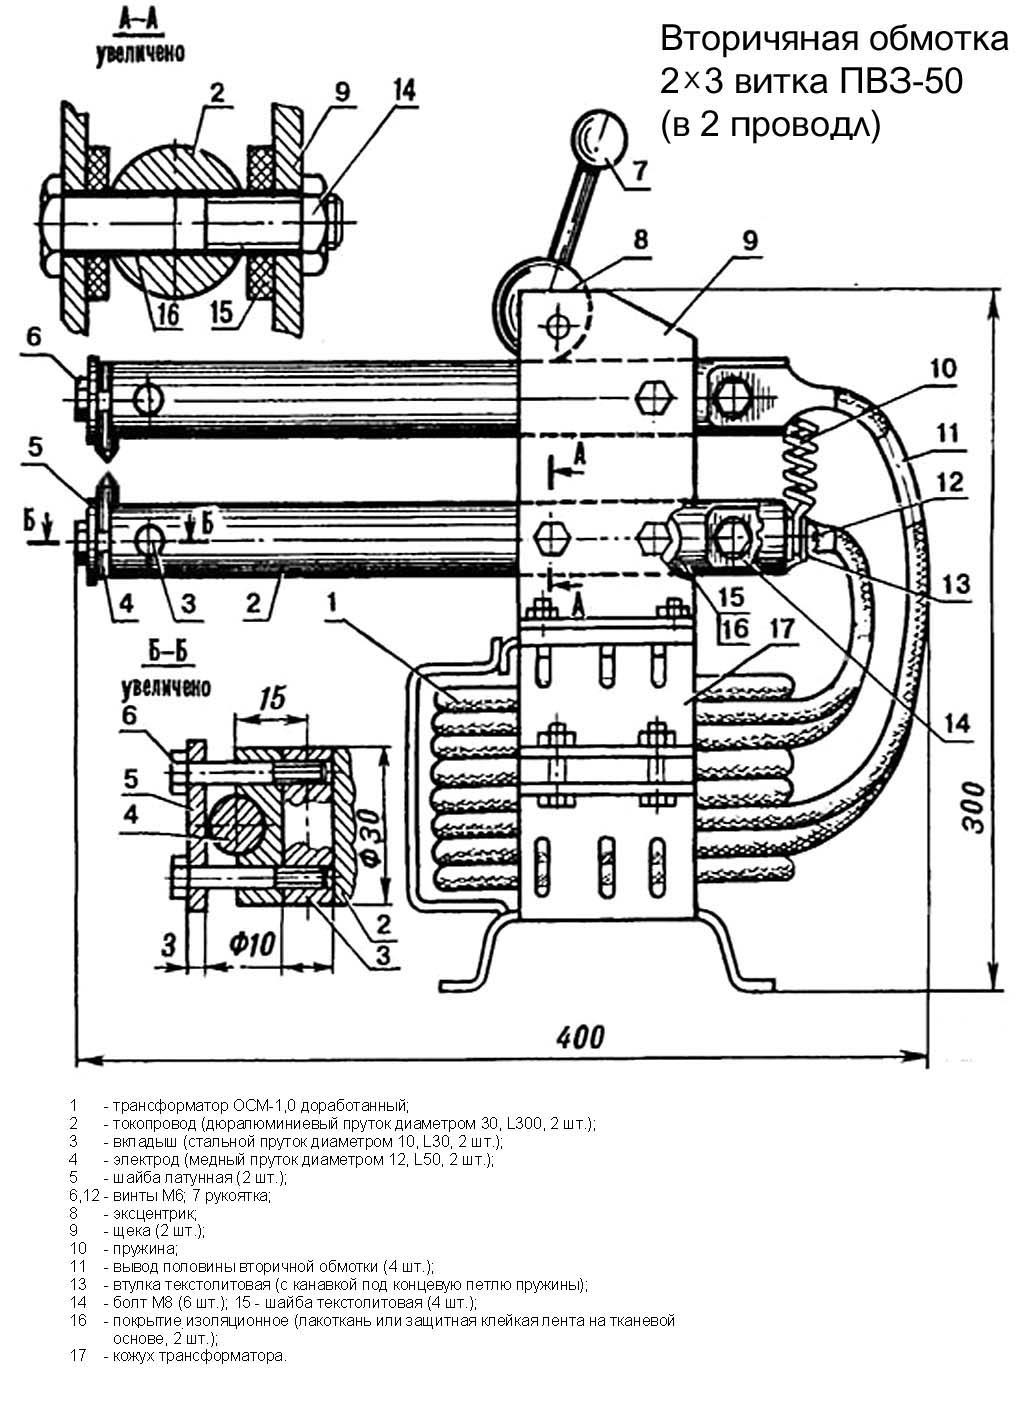 Термостат для M50 - Отопление 54